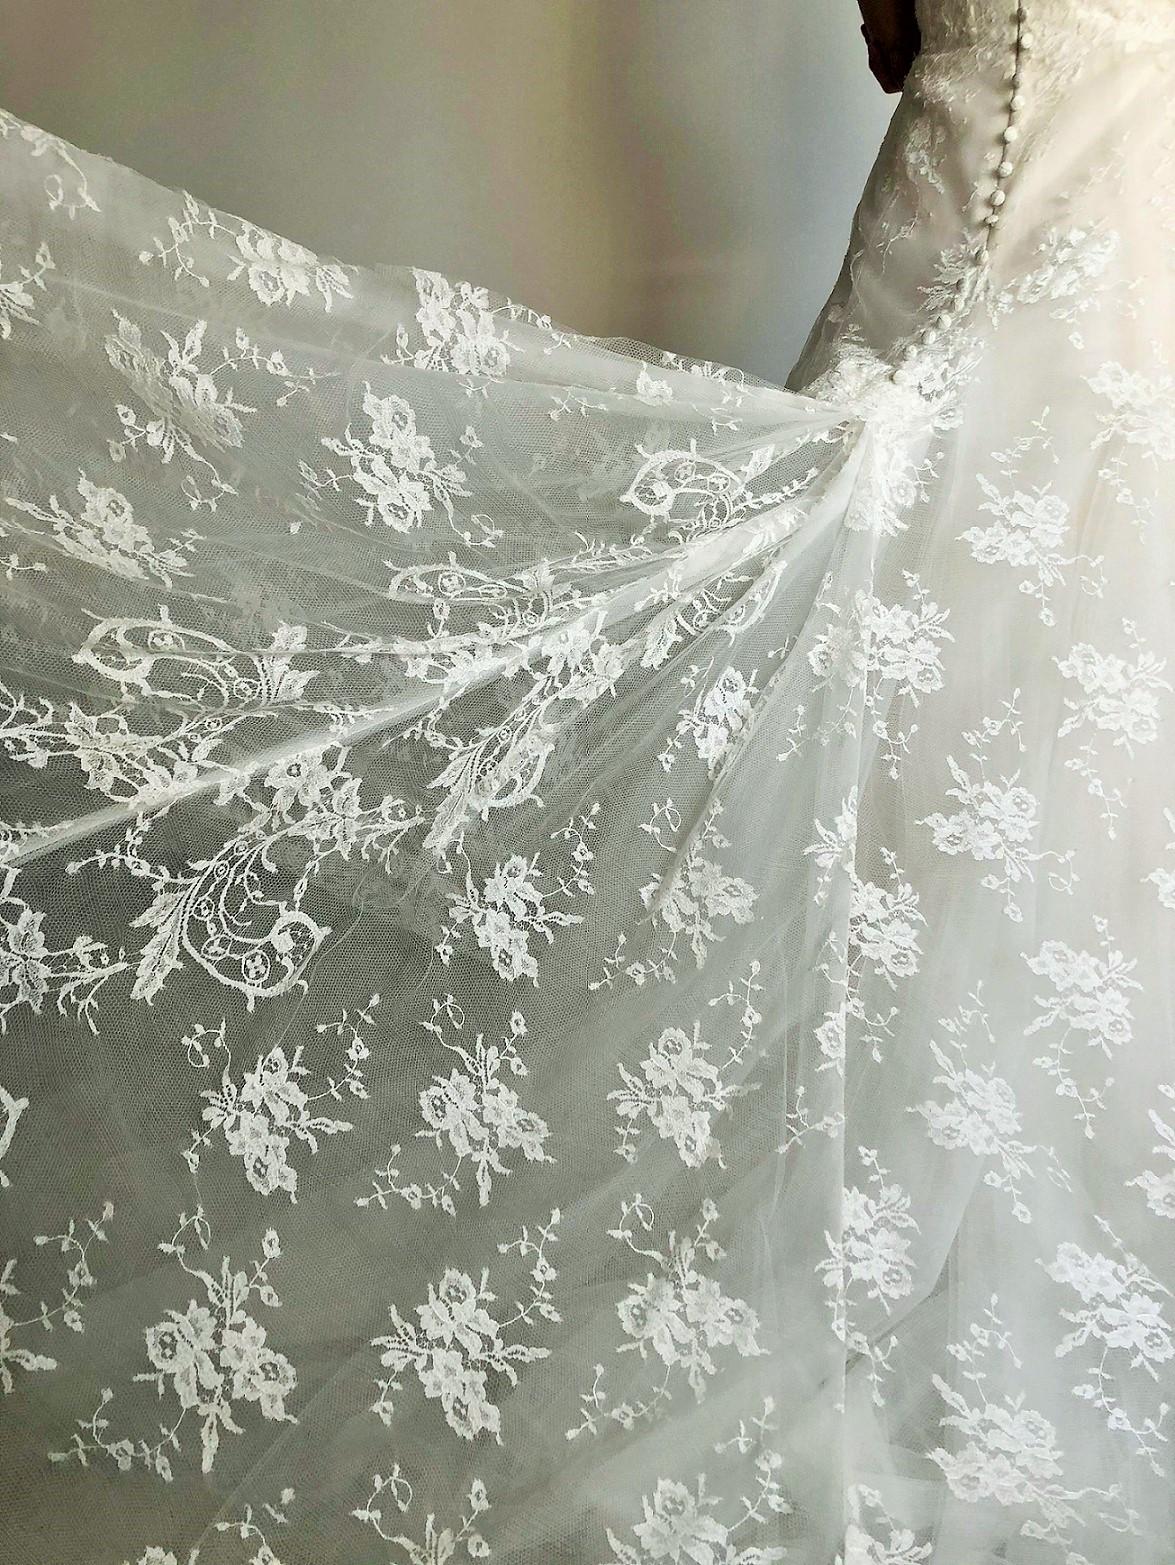 透けるようなレースが全体に施されたレンタルウェディングドレスは横浜みなとみらいのような海の近くの挙式会場でお式をされる花嫁におすすめです。